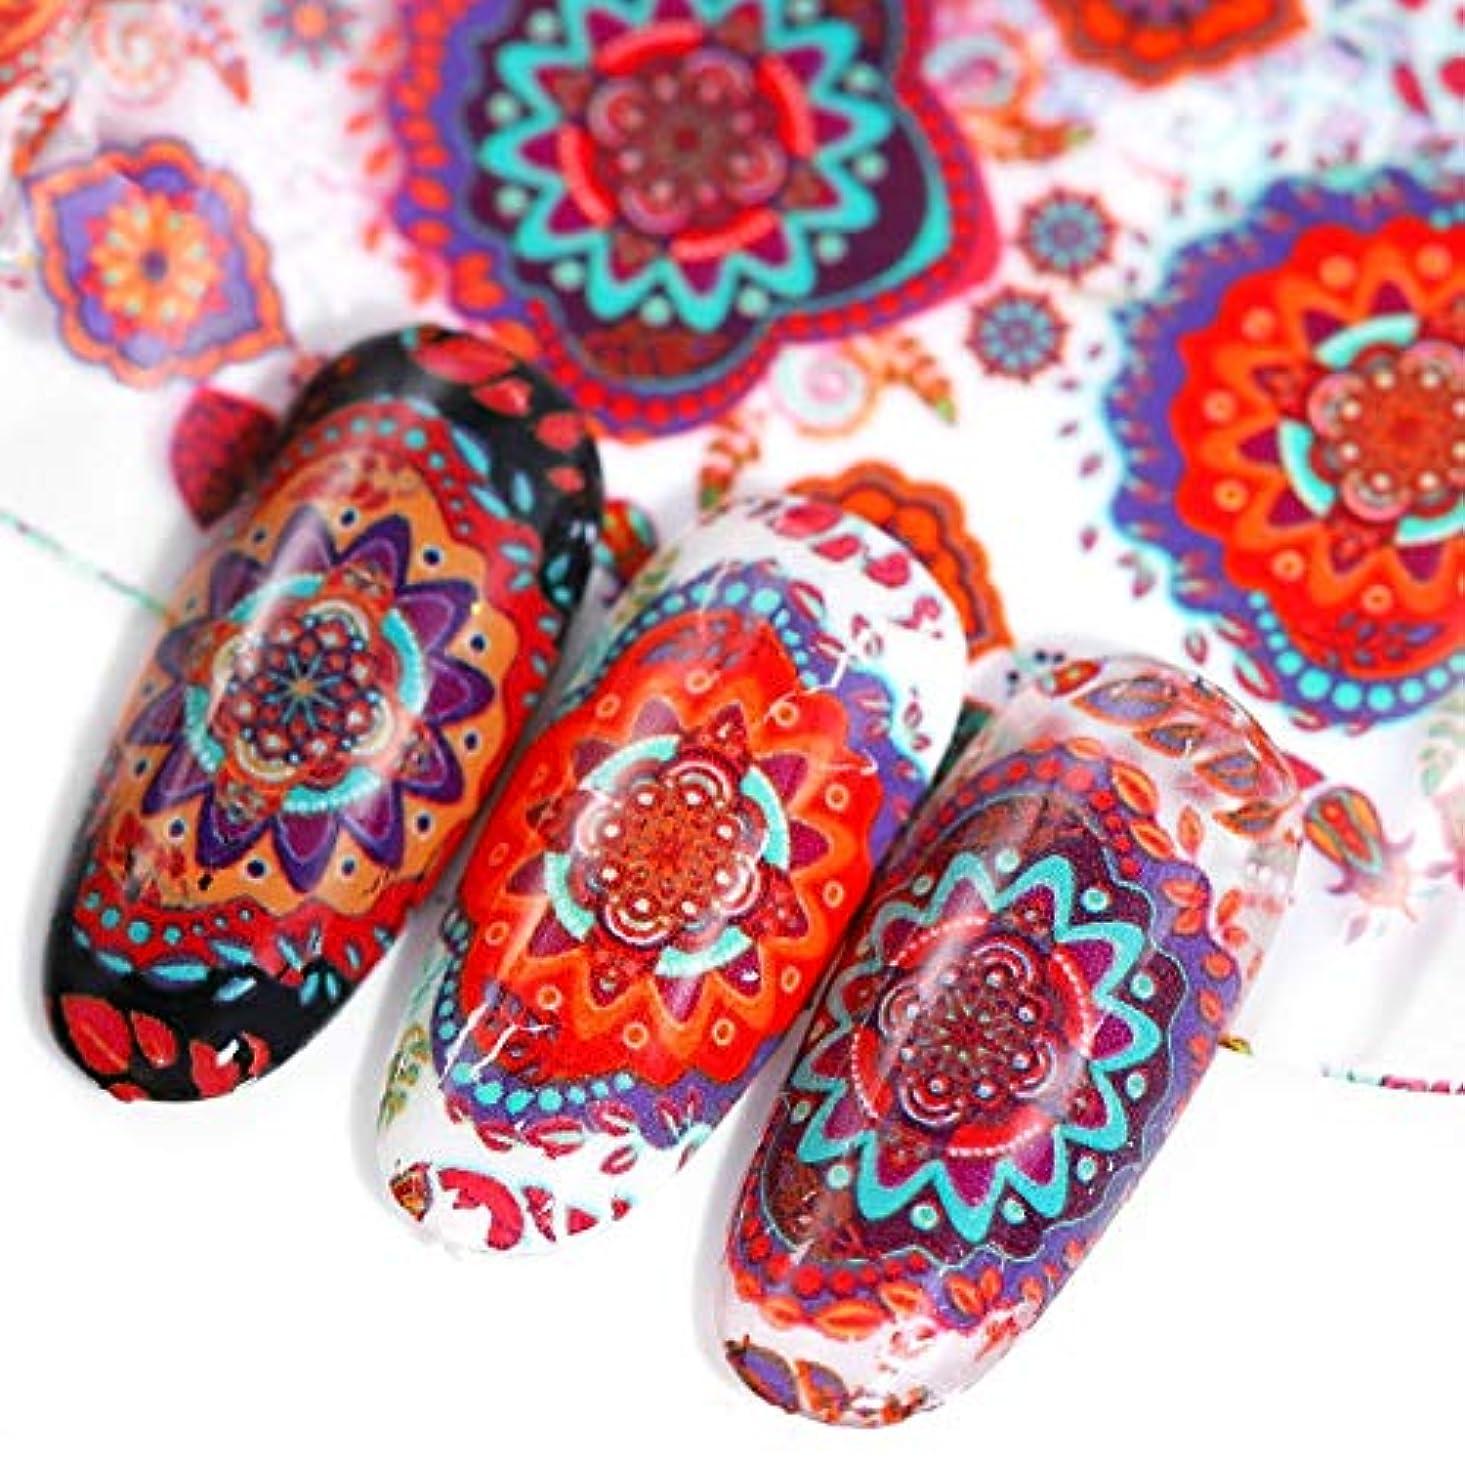 セラフ心のこもったフットボールArtlalic 10ピースネイルアートデコレーションネイルホイルネイル転写ステッカーネイルアートデカールカラフルな星空ヴィンテージエスニック風の花のデザインさまざまなデザインランダム混合